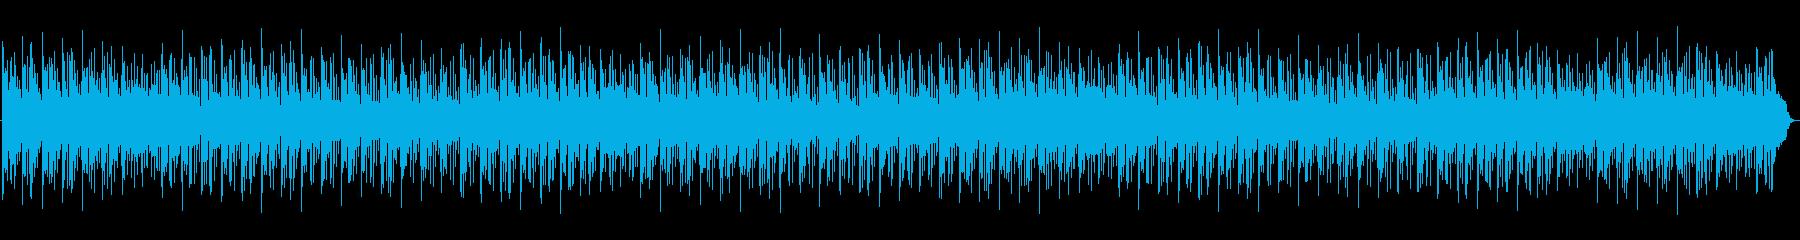 すてきなピアノのメロディーと素晴ら...の再生済みの波形